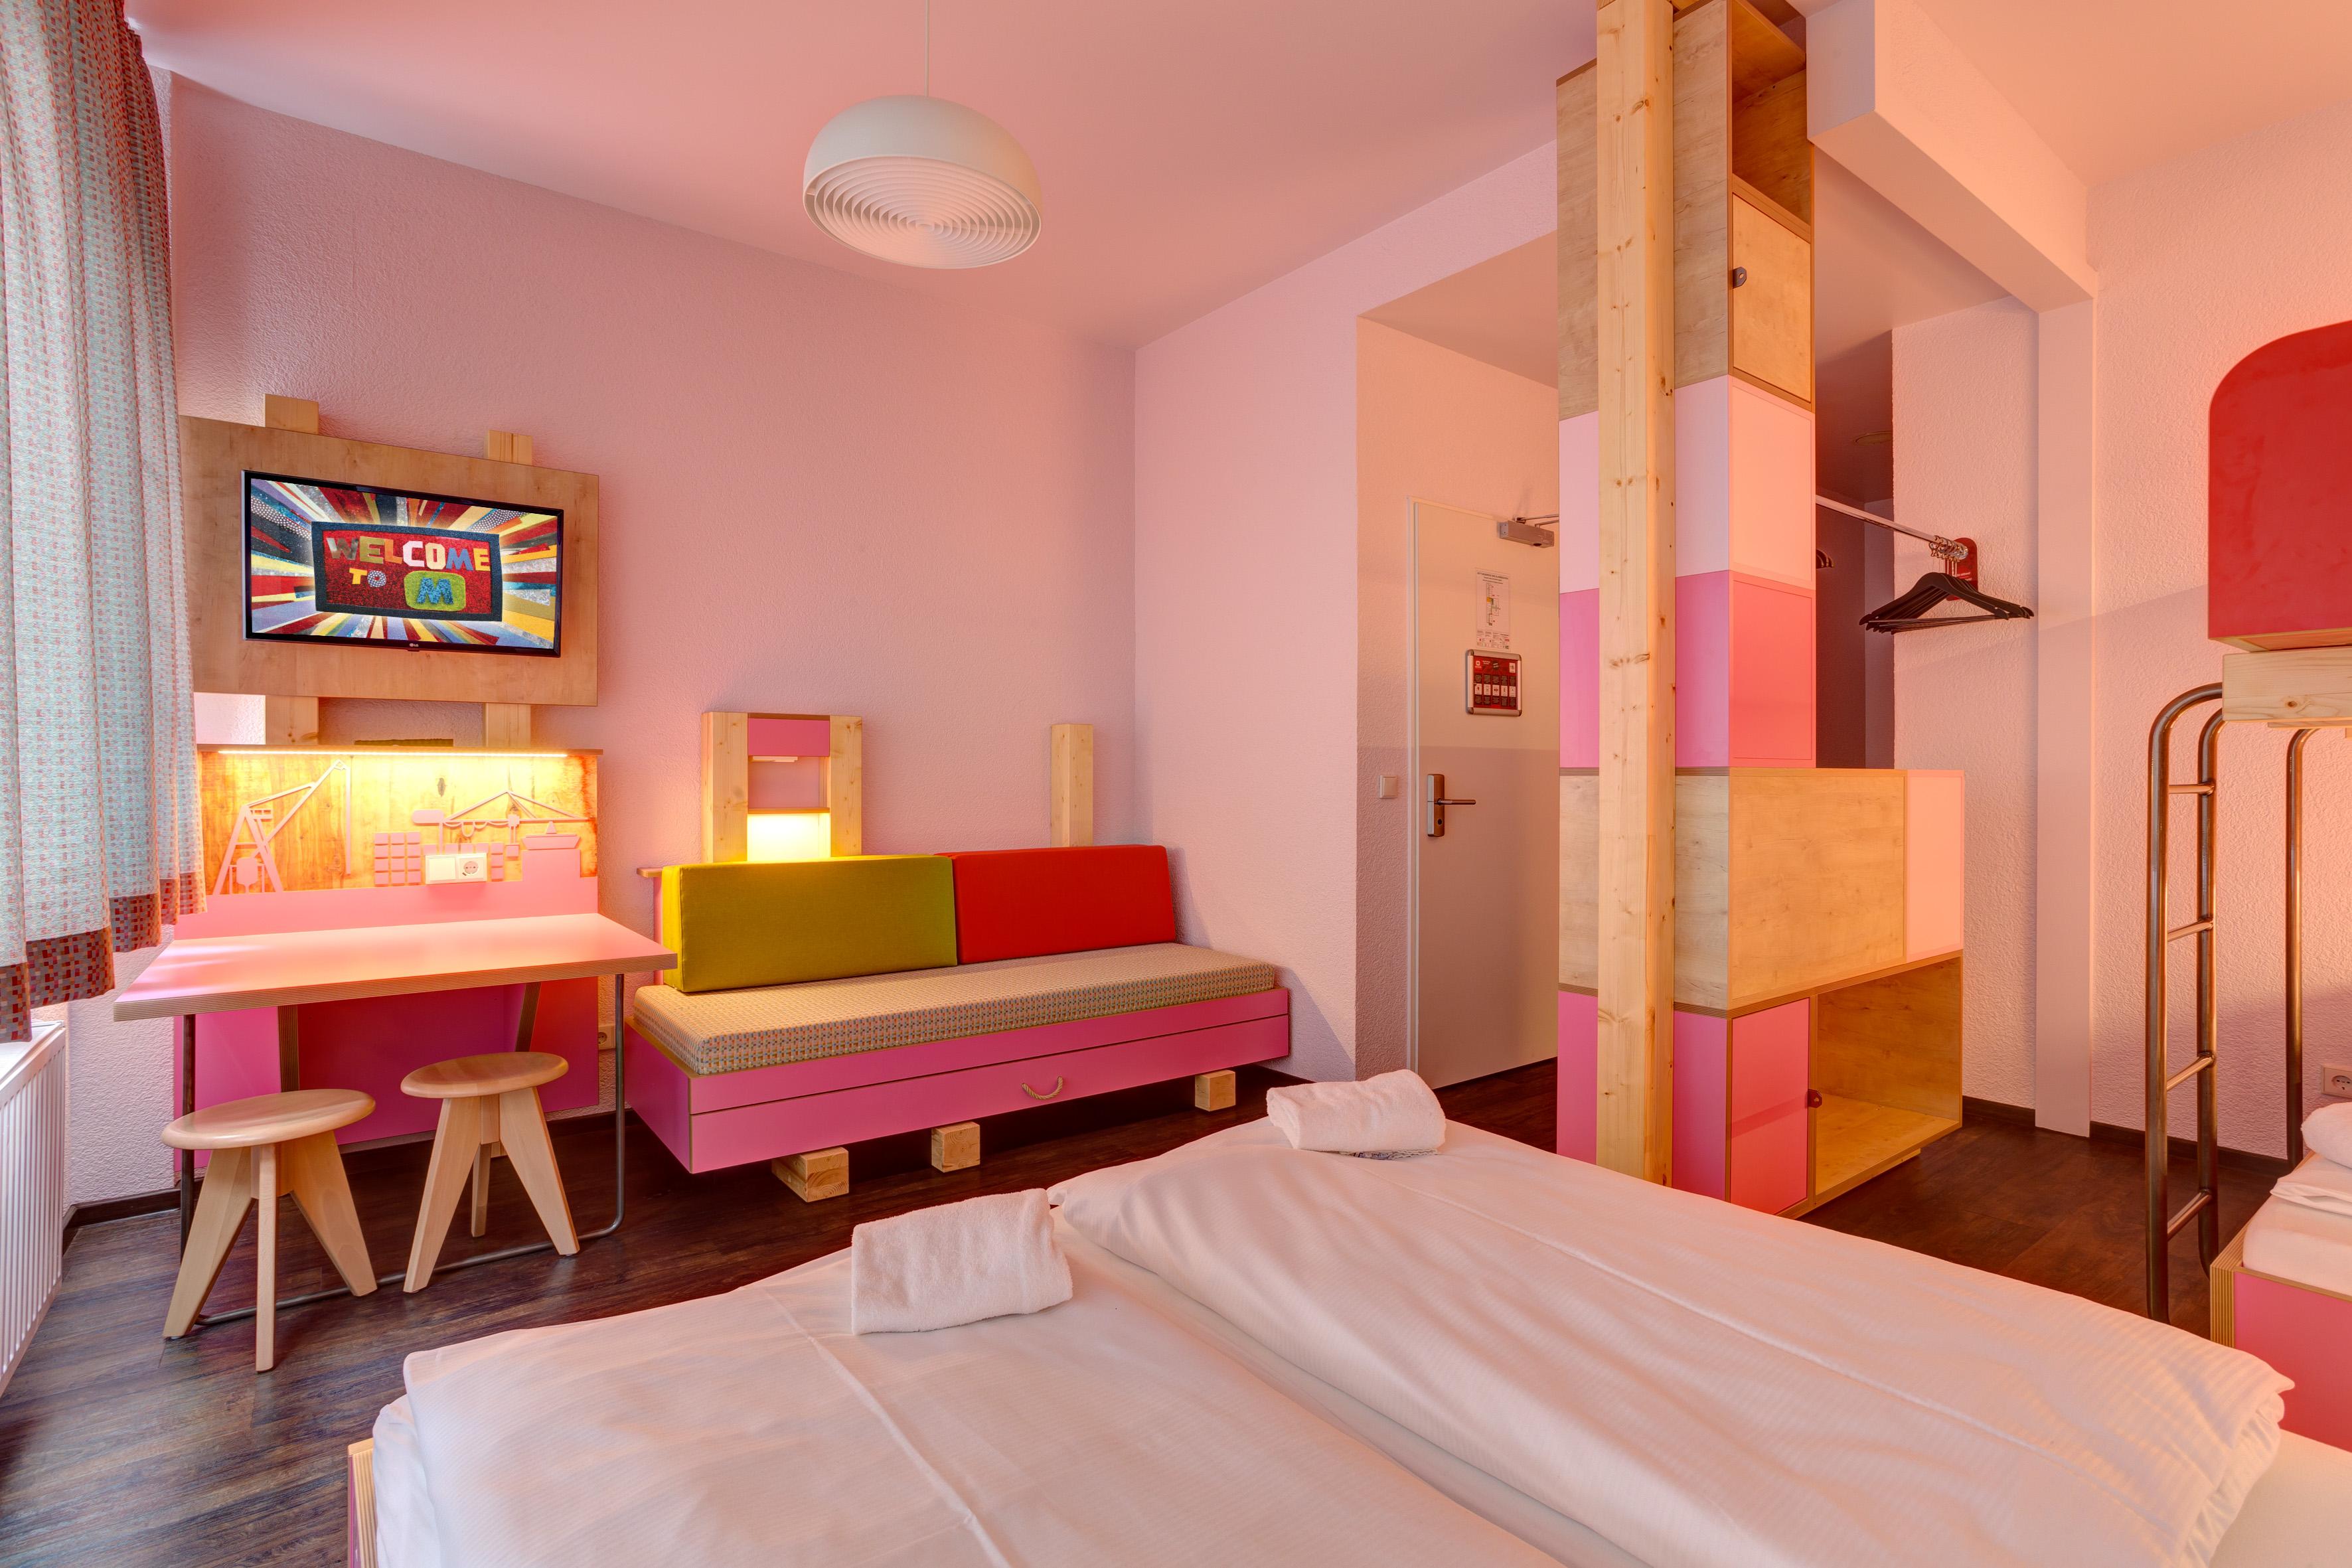 MEININGER Hotel Hamburg City Center - Een-/ Tweepersoonskamer